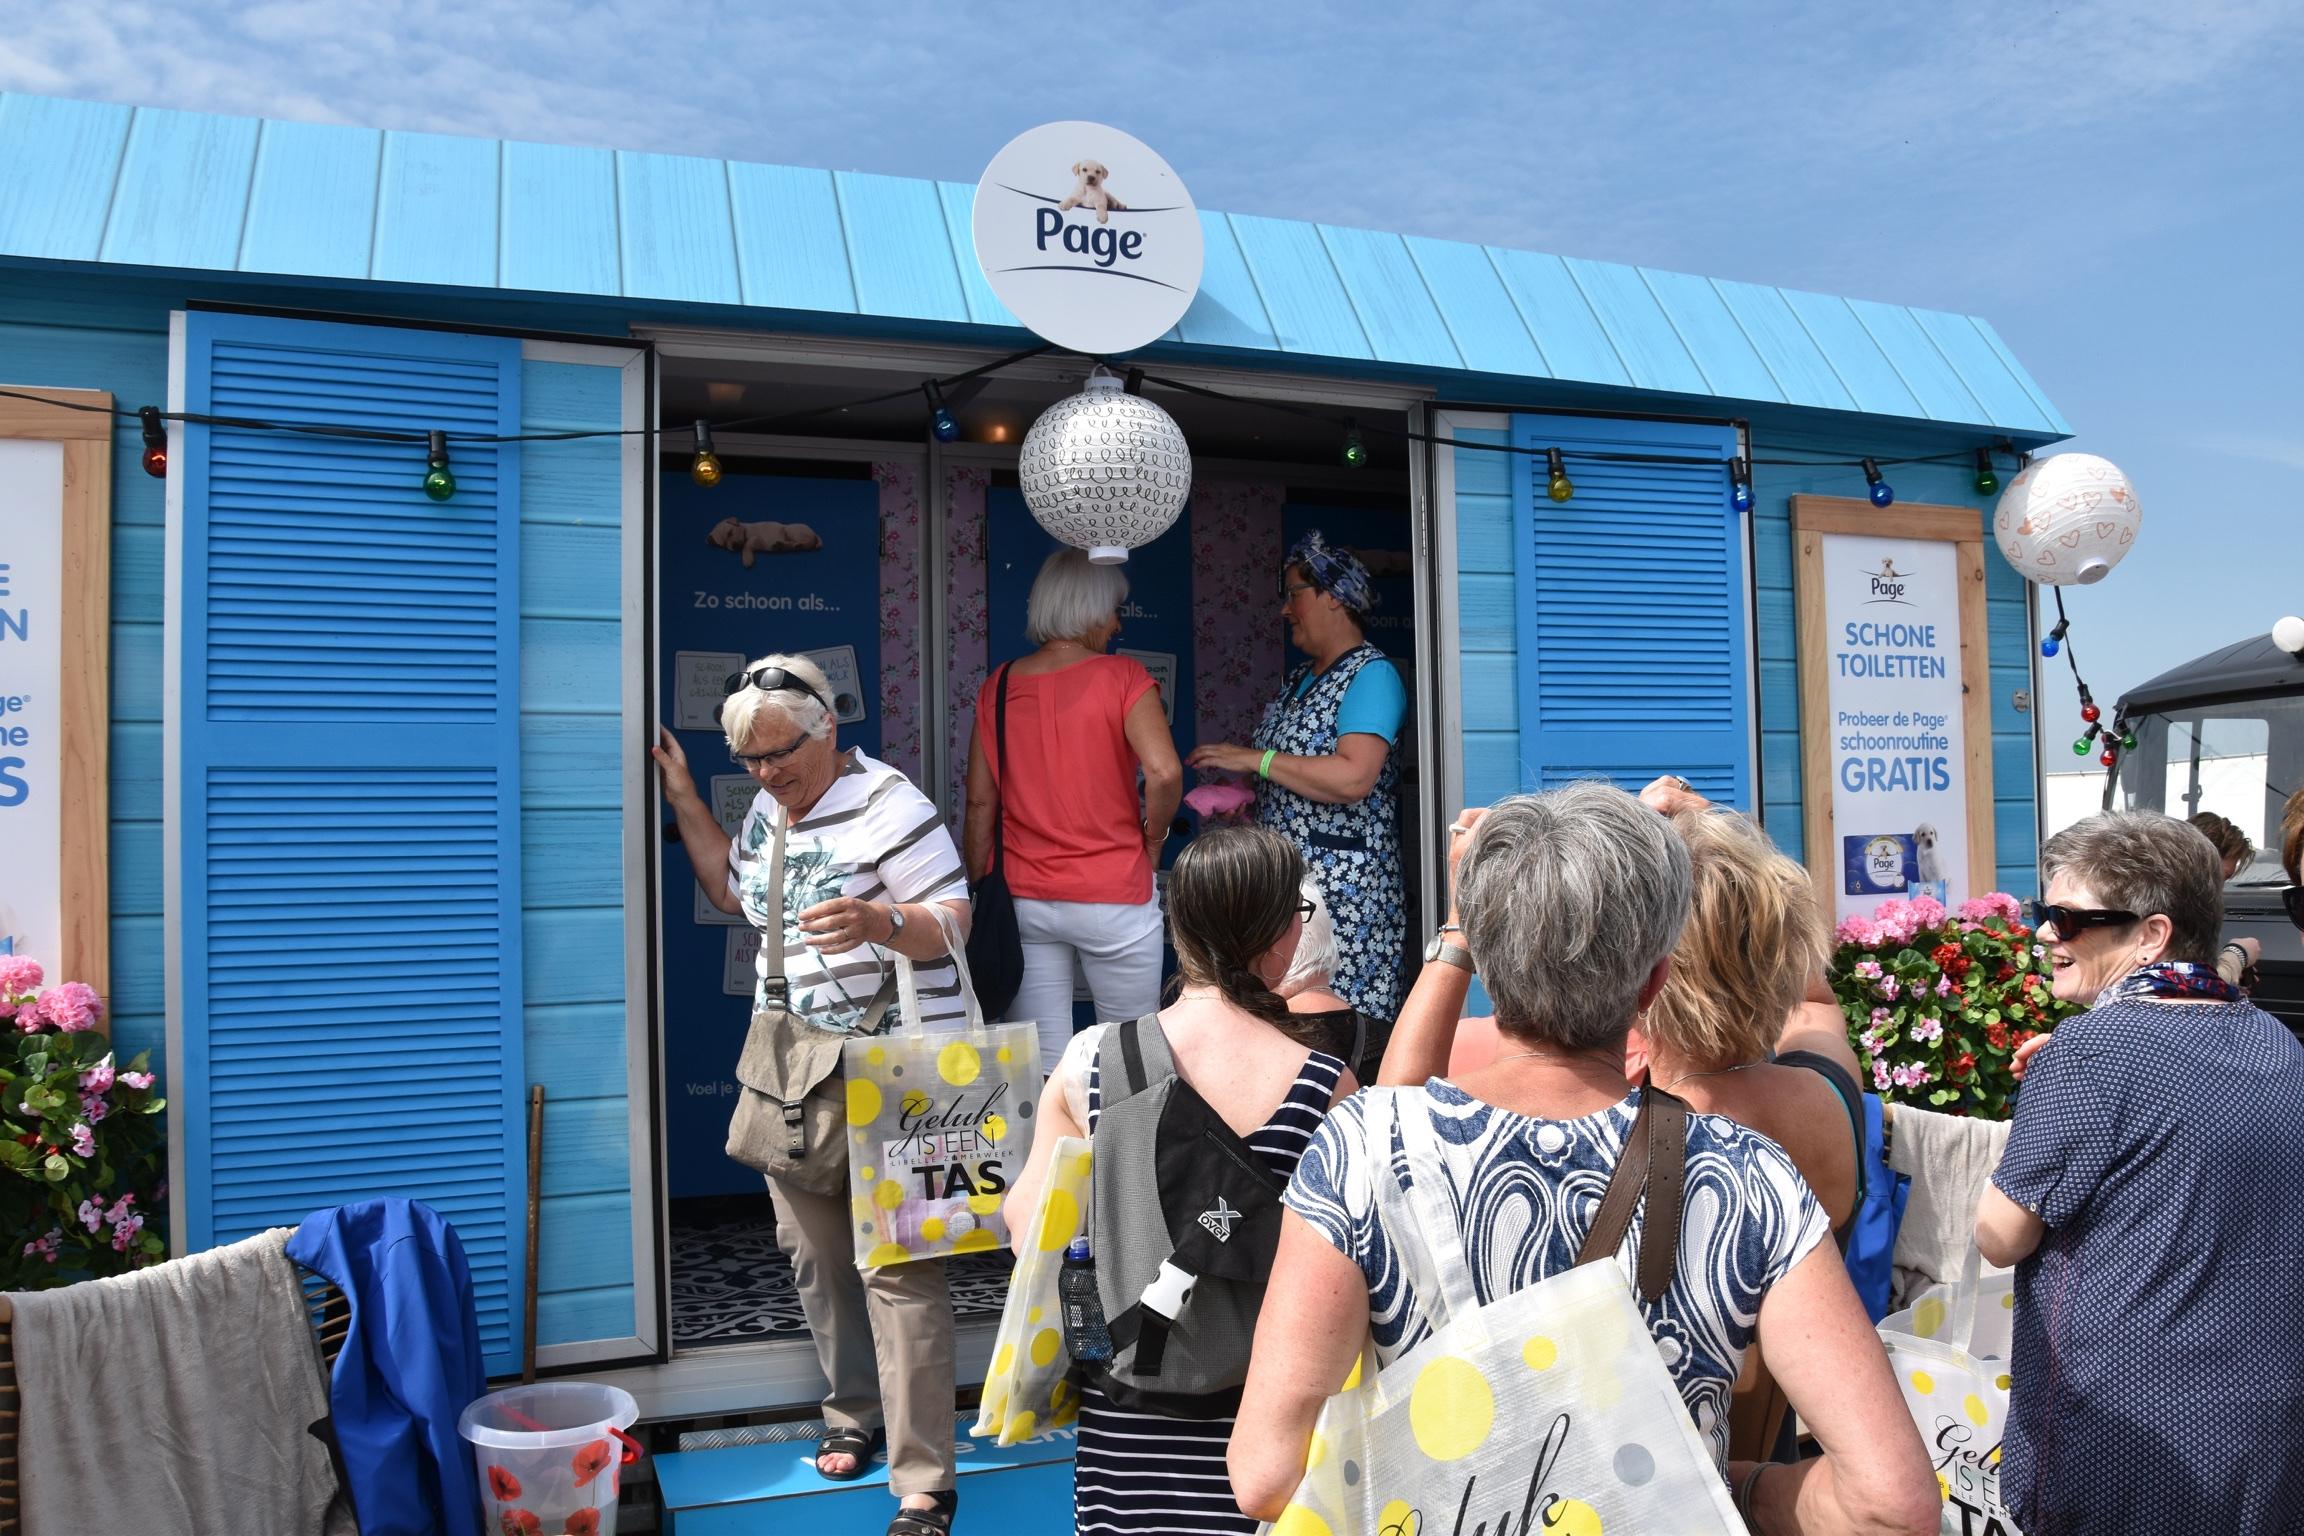 Blauwe loper gaat uit voor bezoekers